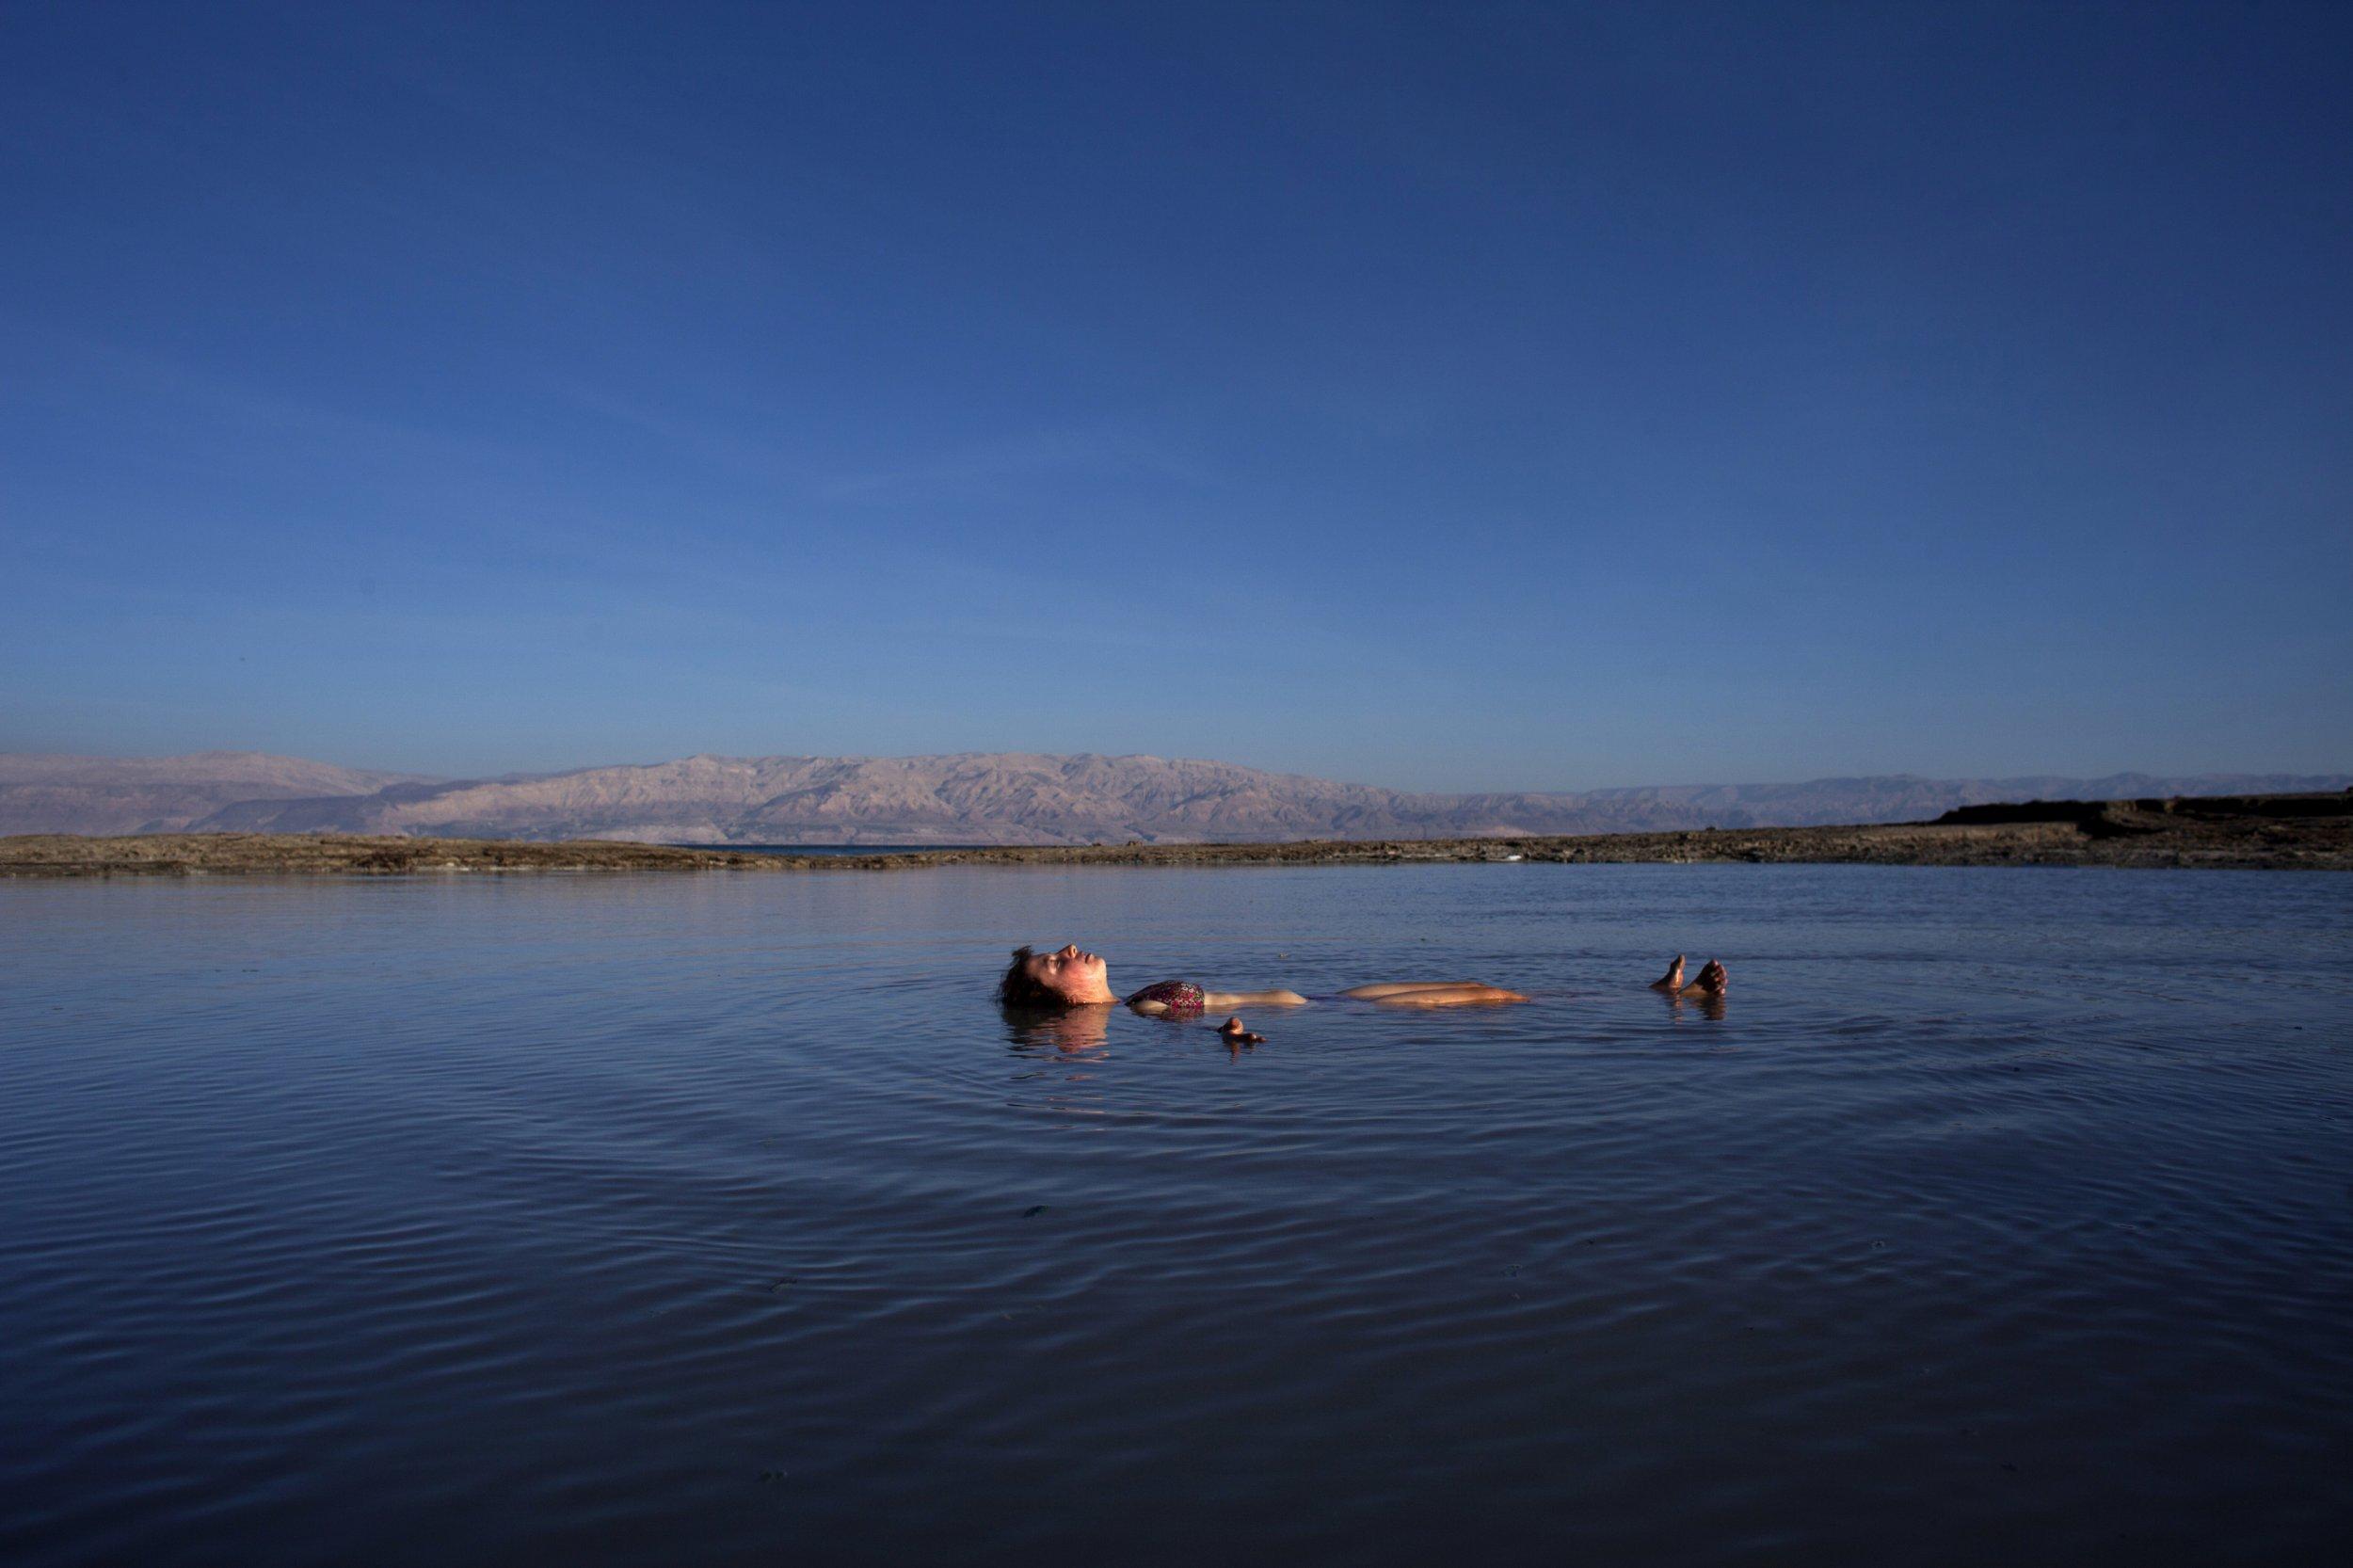 Dead Sea Red Sea Israel Middle East